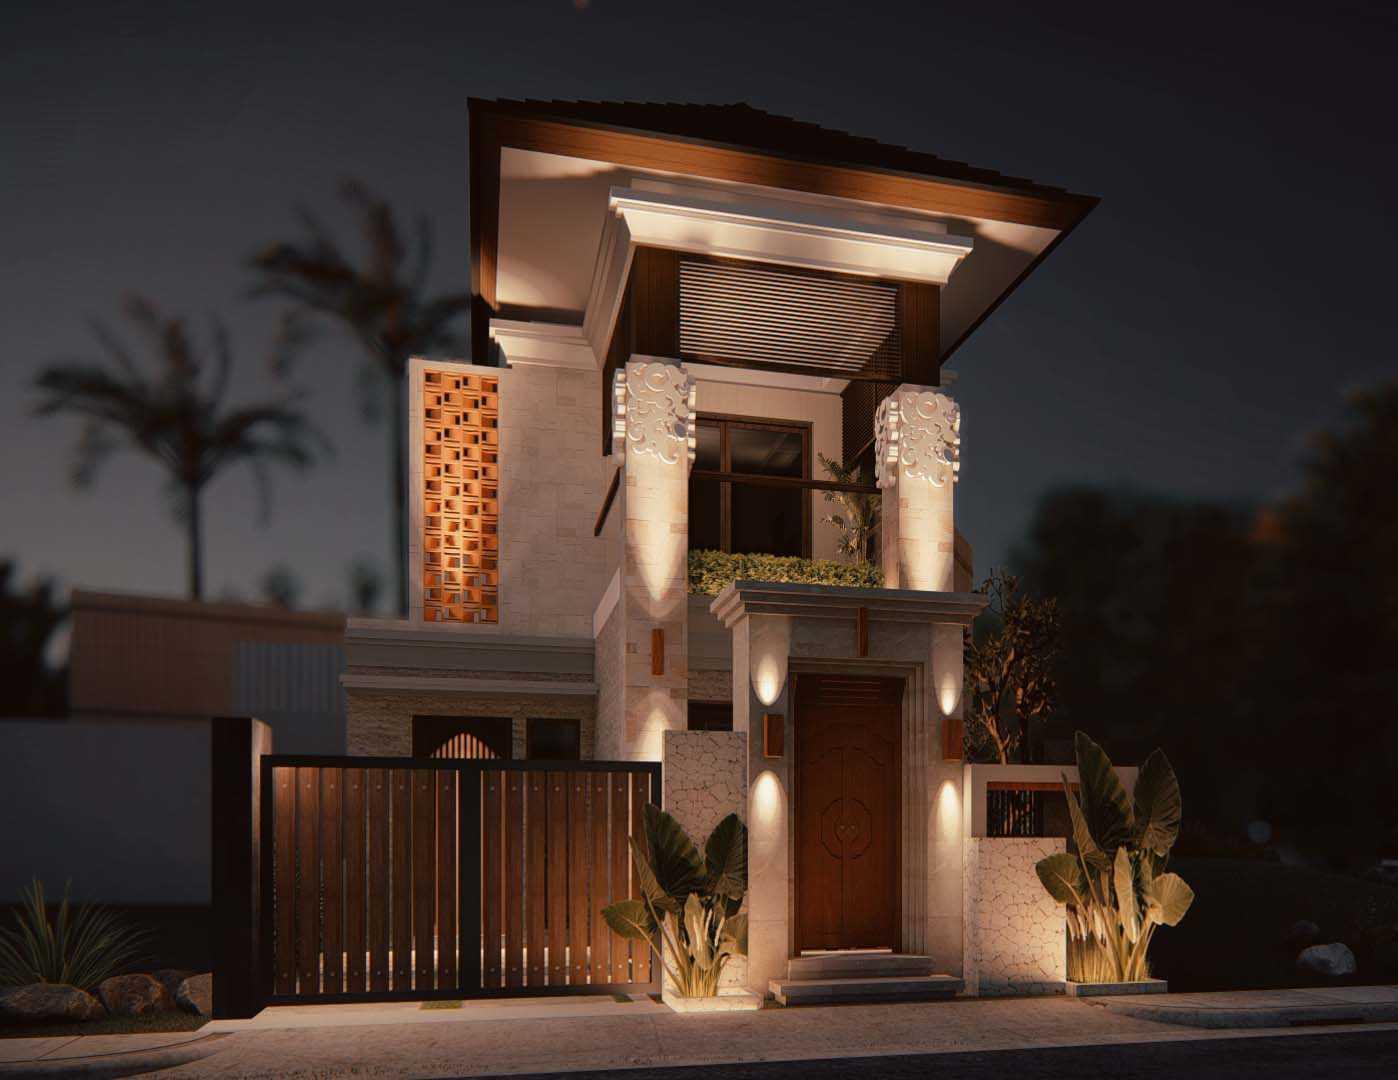 Axis Citra Pama Rumah Cupak Solok, Sumatera Barat, Indonesia Solok, Sumatera Barat, Indonesia Axis&m Architects|Rumah Cupak Asian 114769